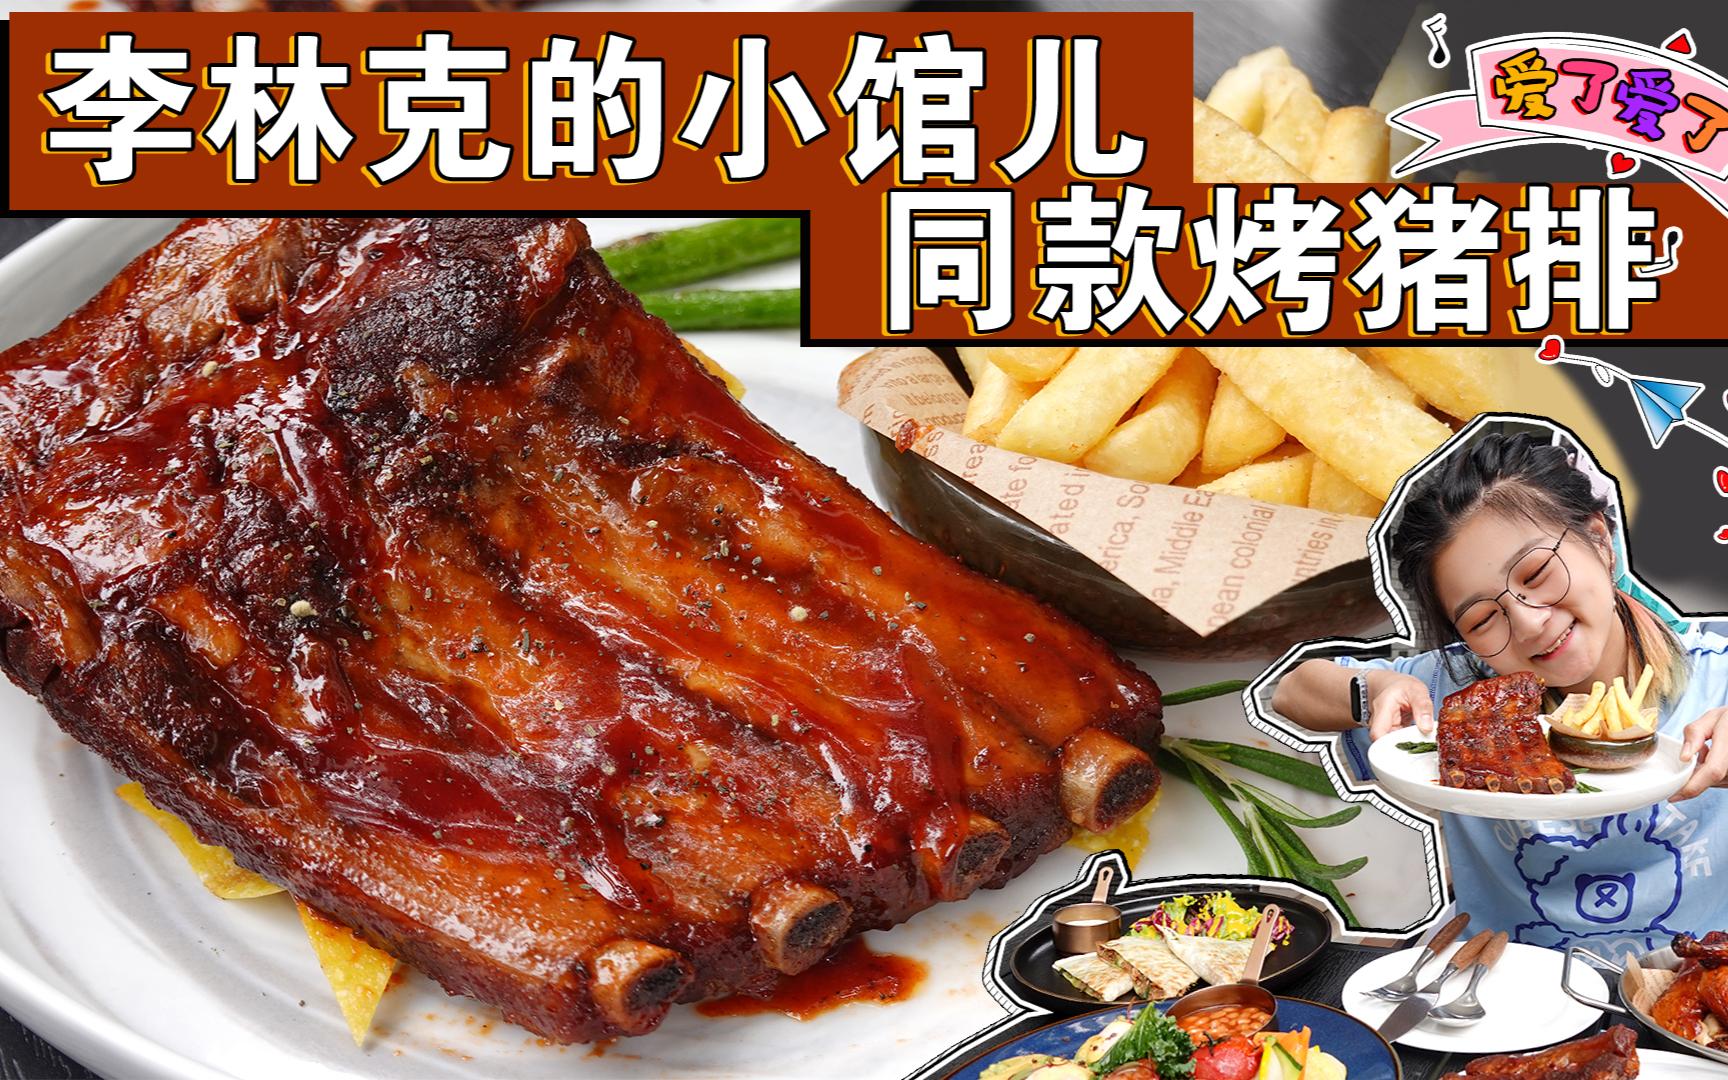 【逛吃北京】《李林克的小馆儿》同款烤猪排,在胡同儿里吃到啦!